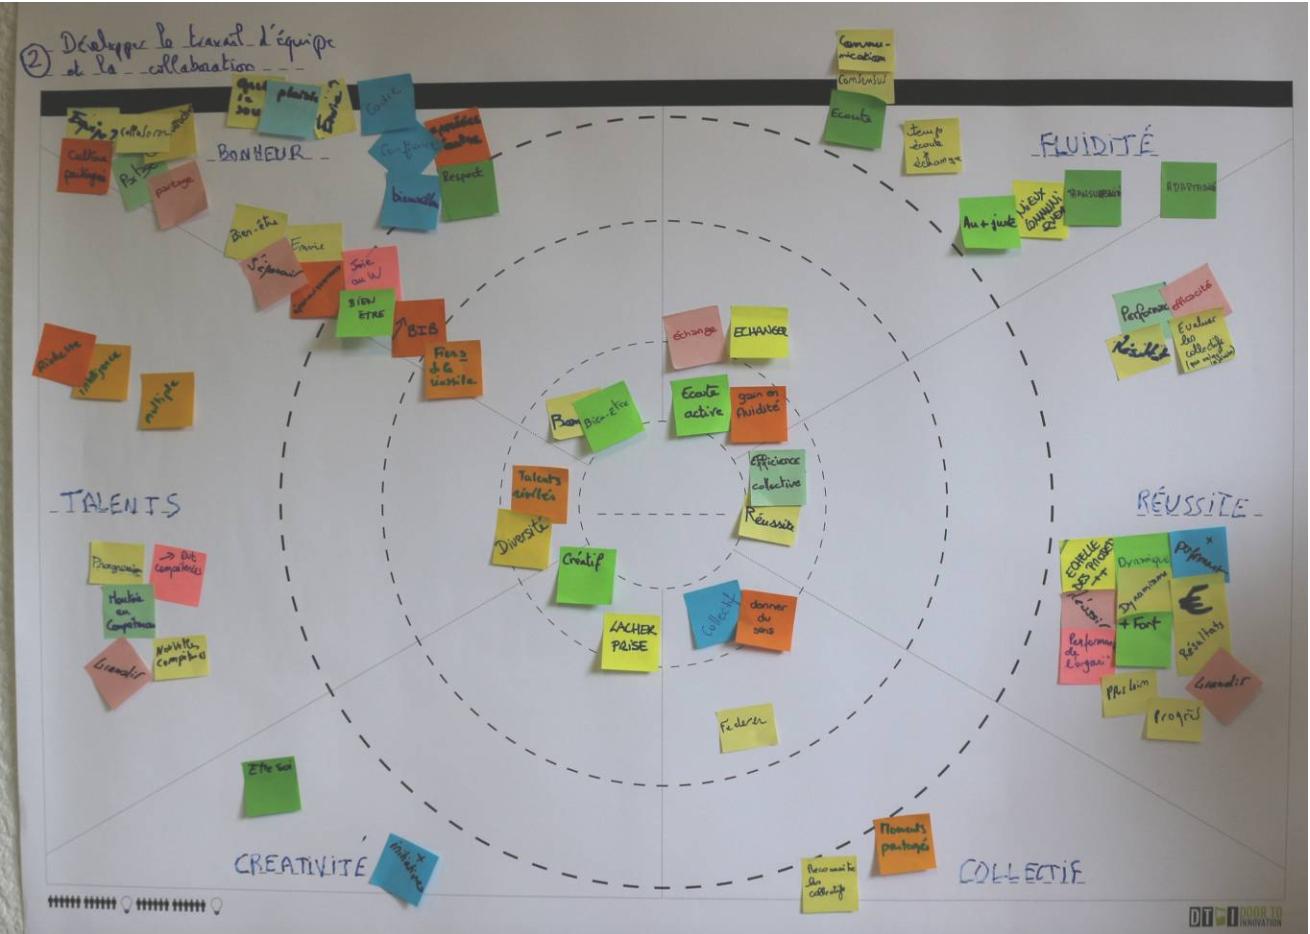 Développer le travail d'équipe et la collaboration